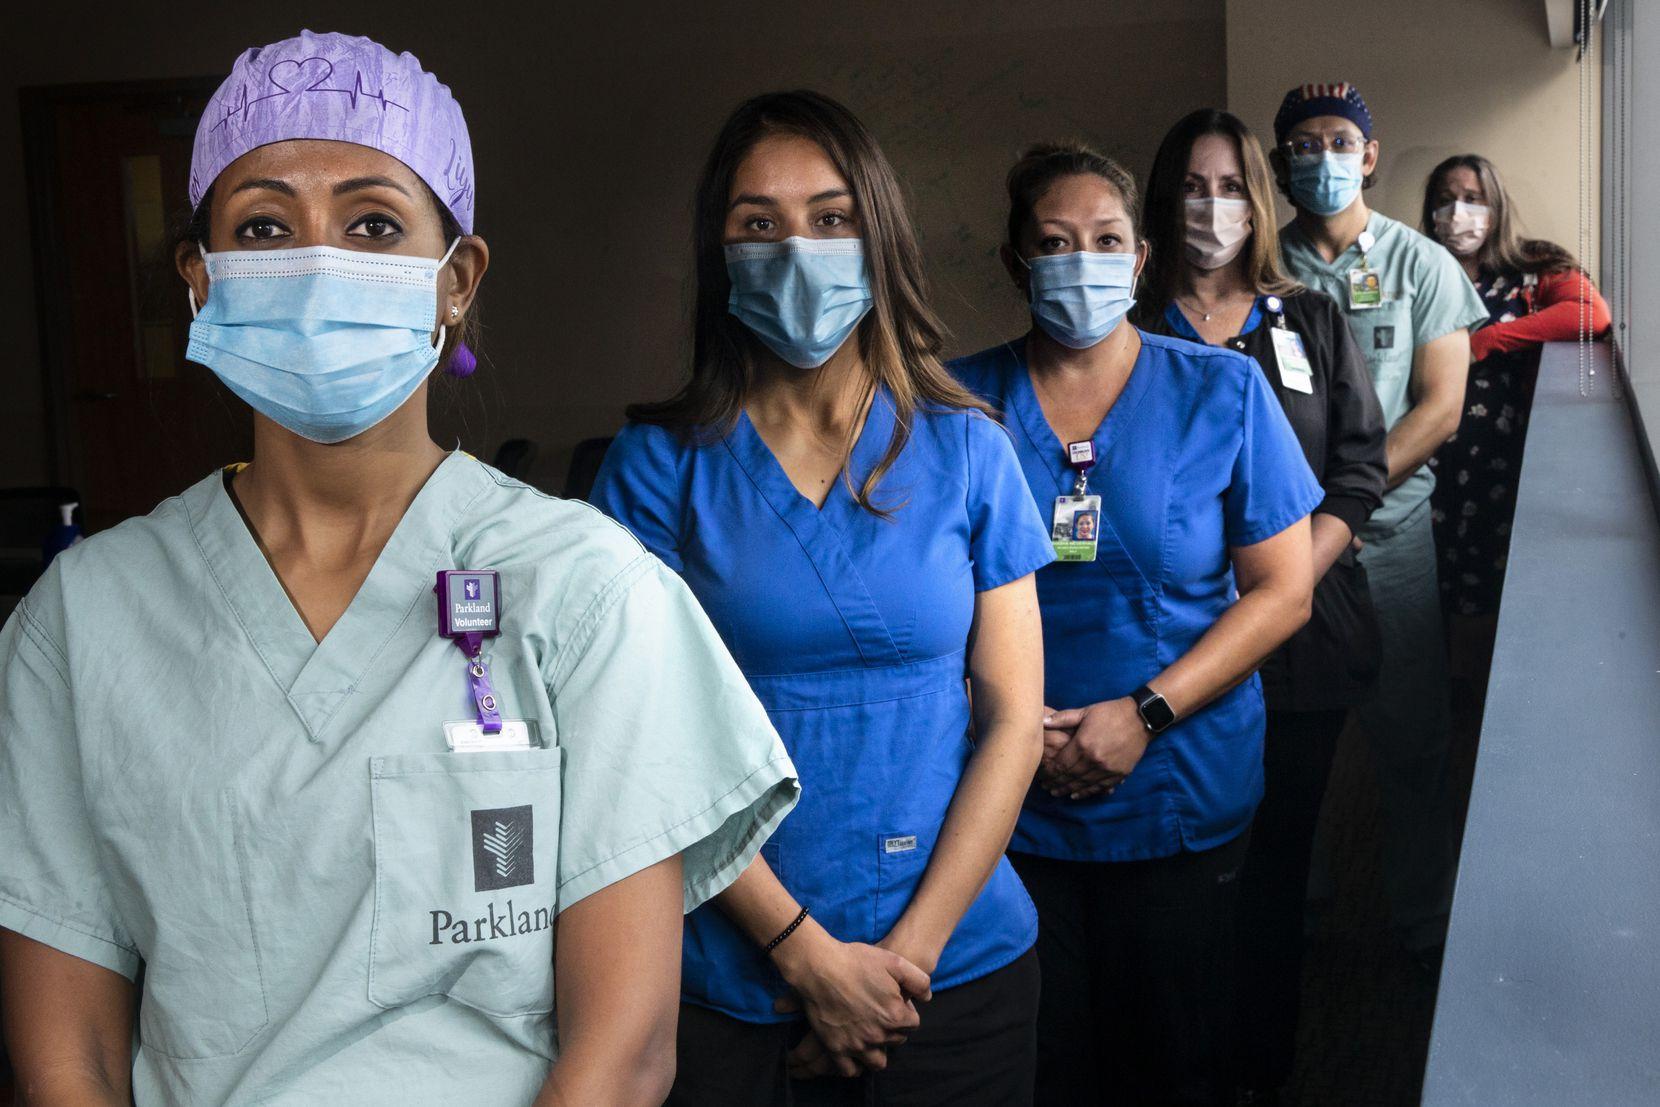 Desde la izq.: Luyi Daniel, Perla Sanchez-Perez, Shasha Niederhaus, Kathleen Doherty, Otto Madrigal y Samantha Rowley, personal de enfermeras en el Hospital Parkland.